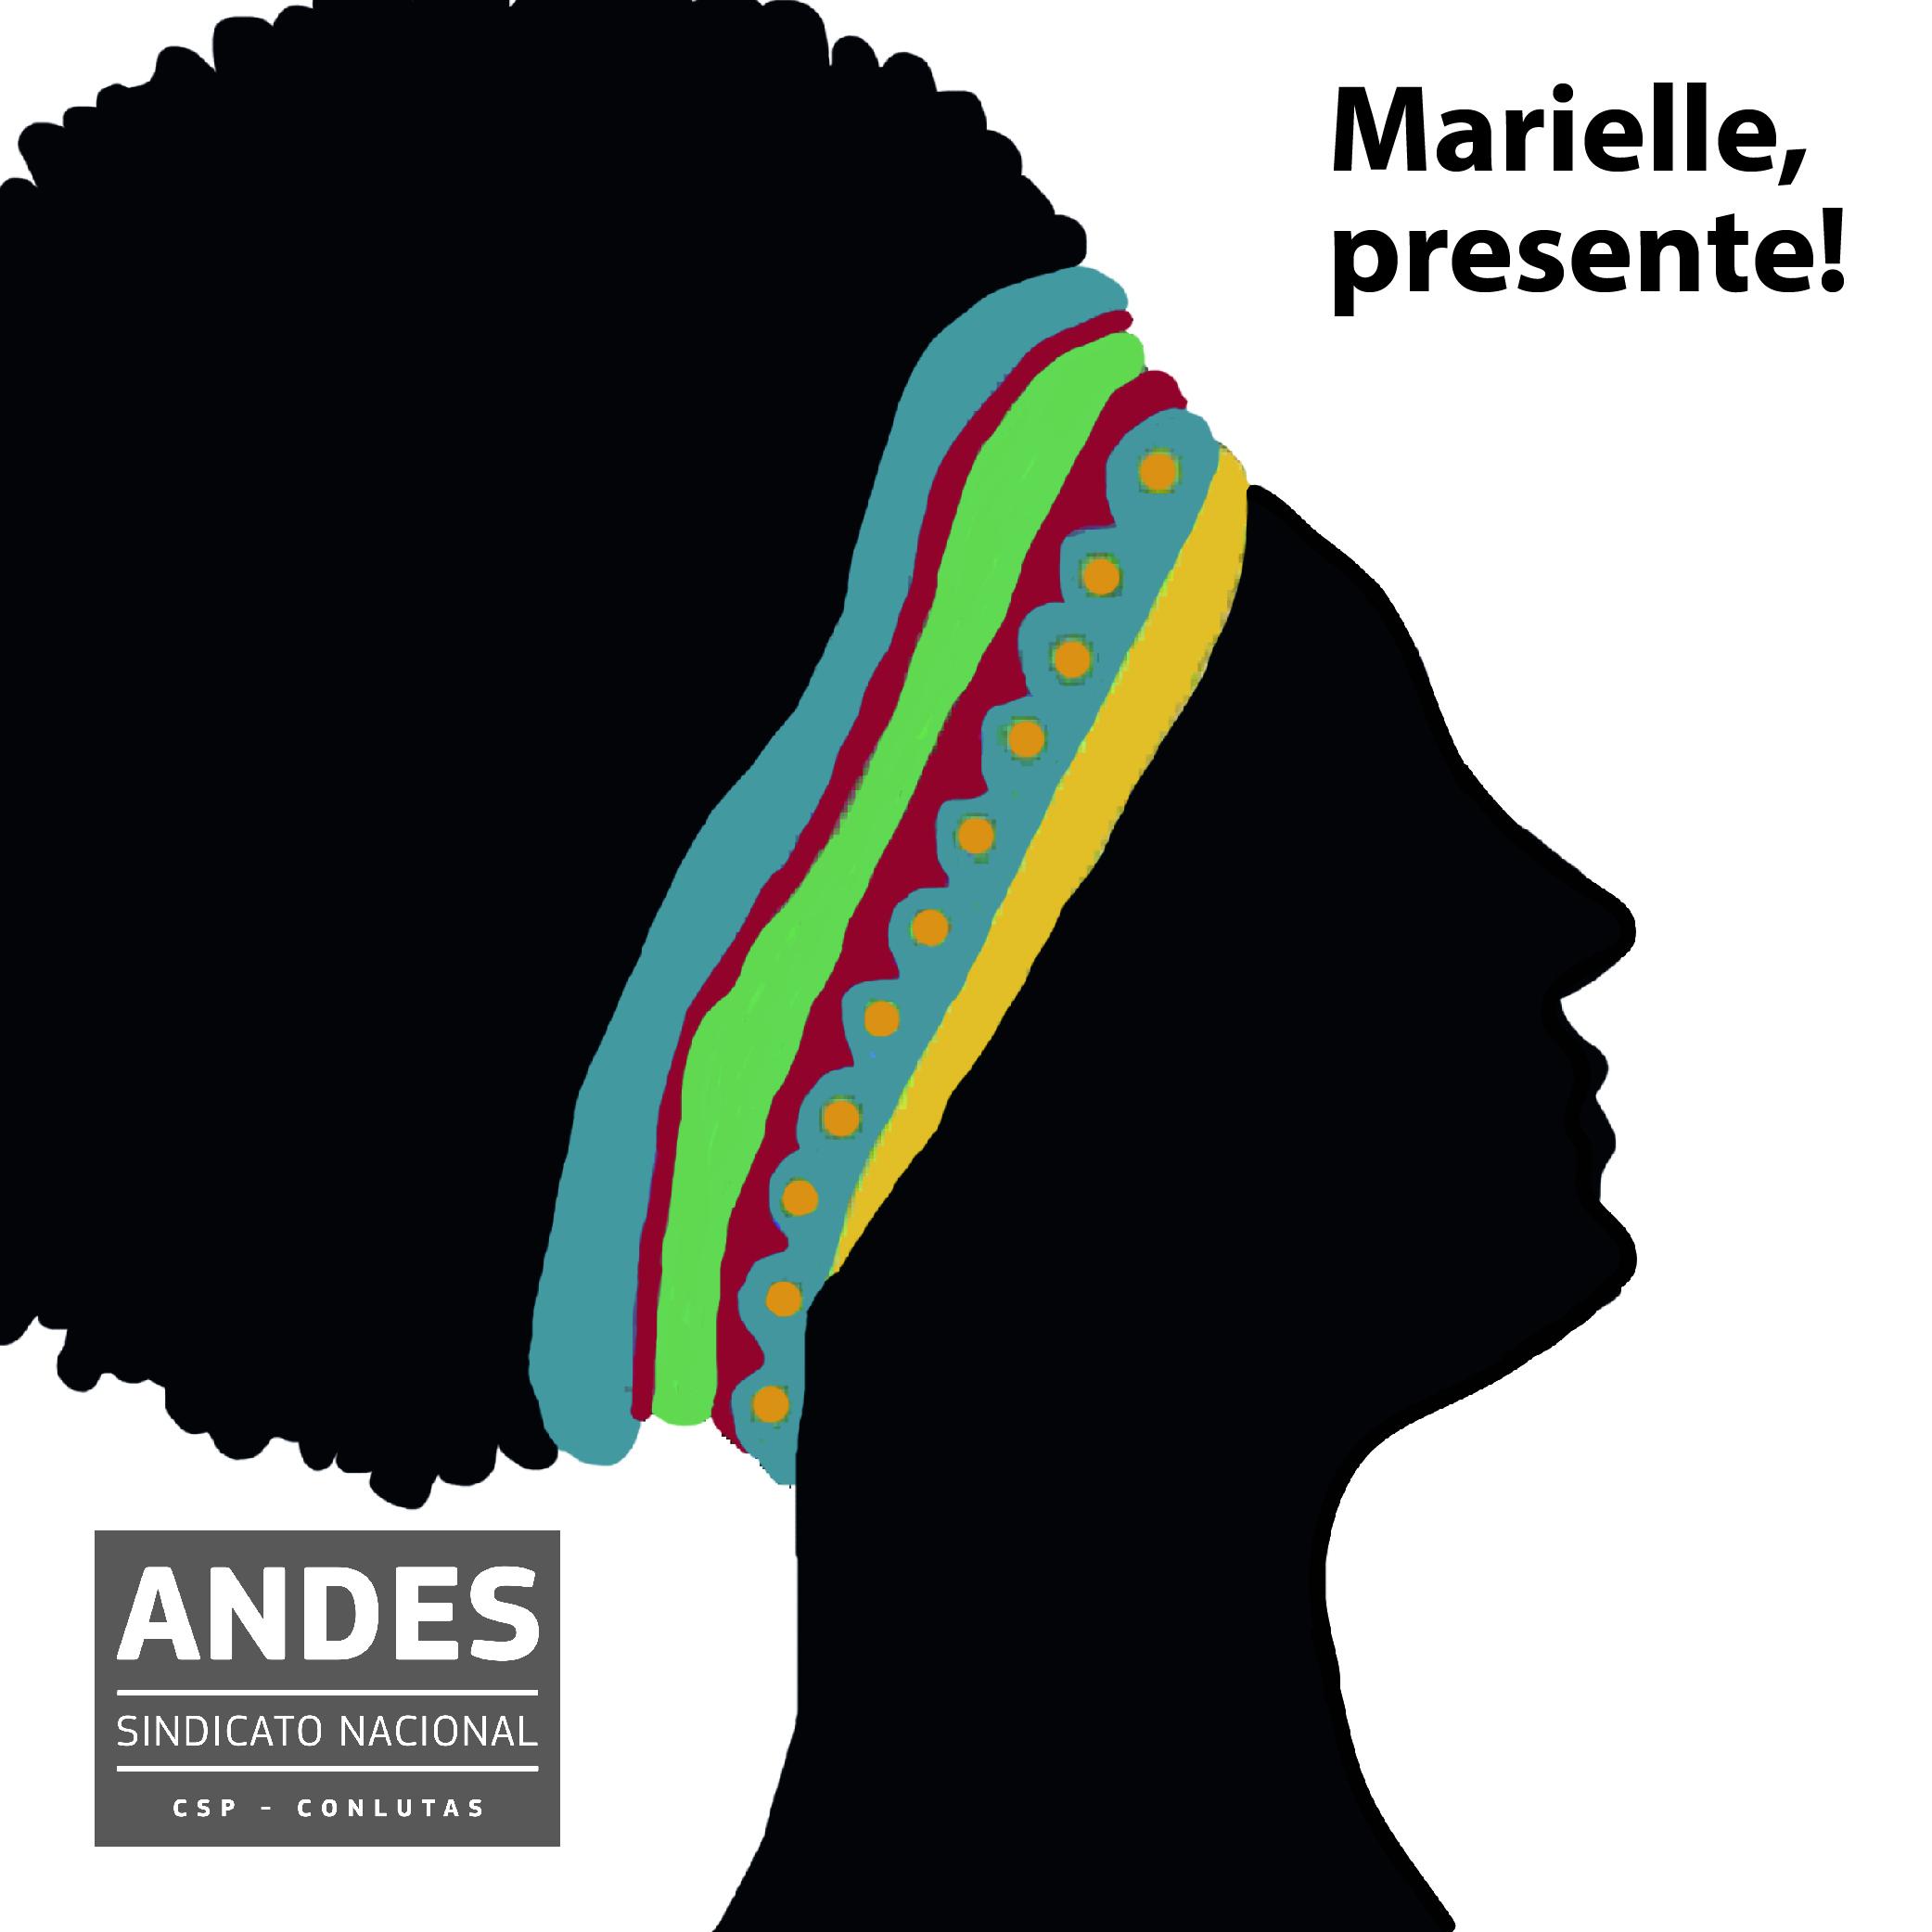 O legado de Marielle Franco pulsa nas ruas do Brasil